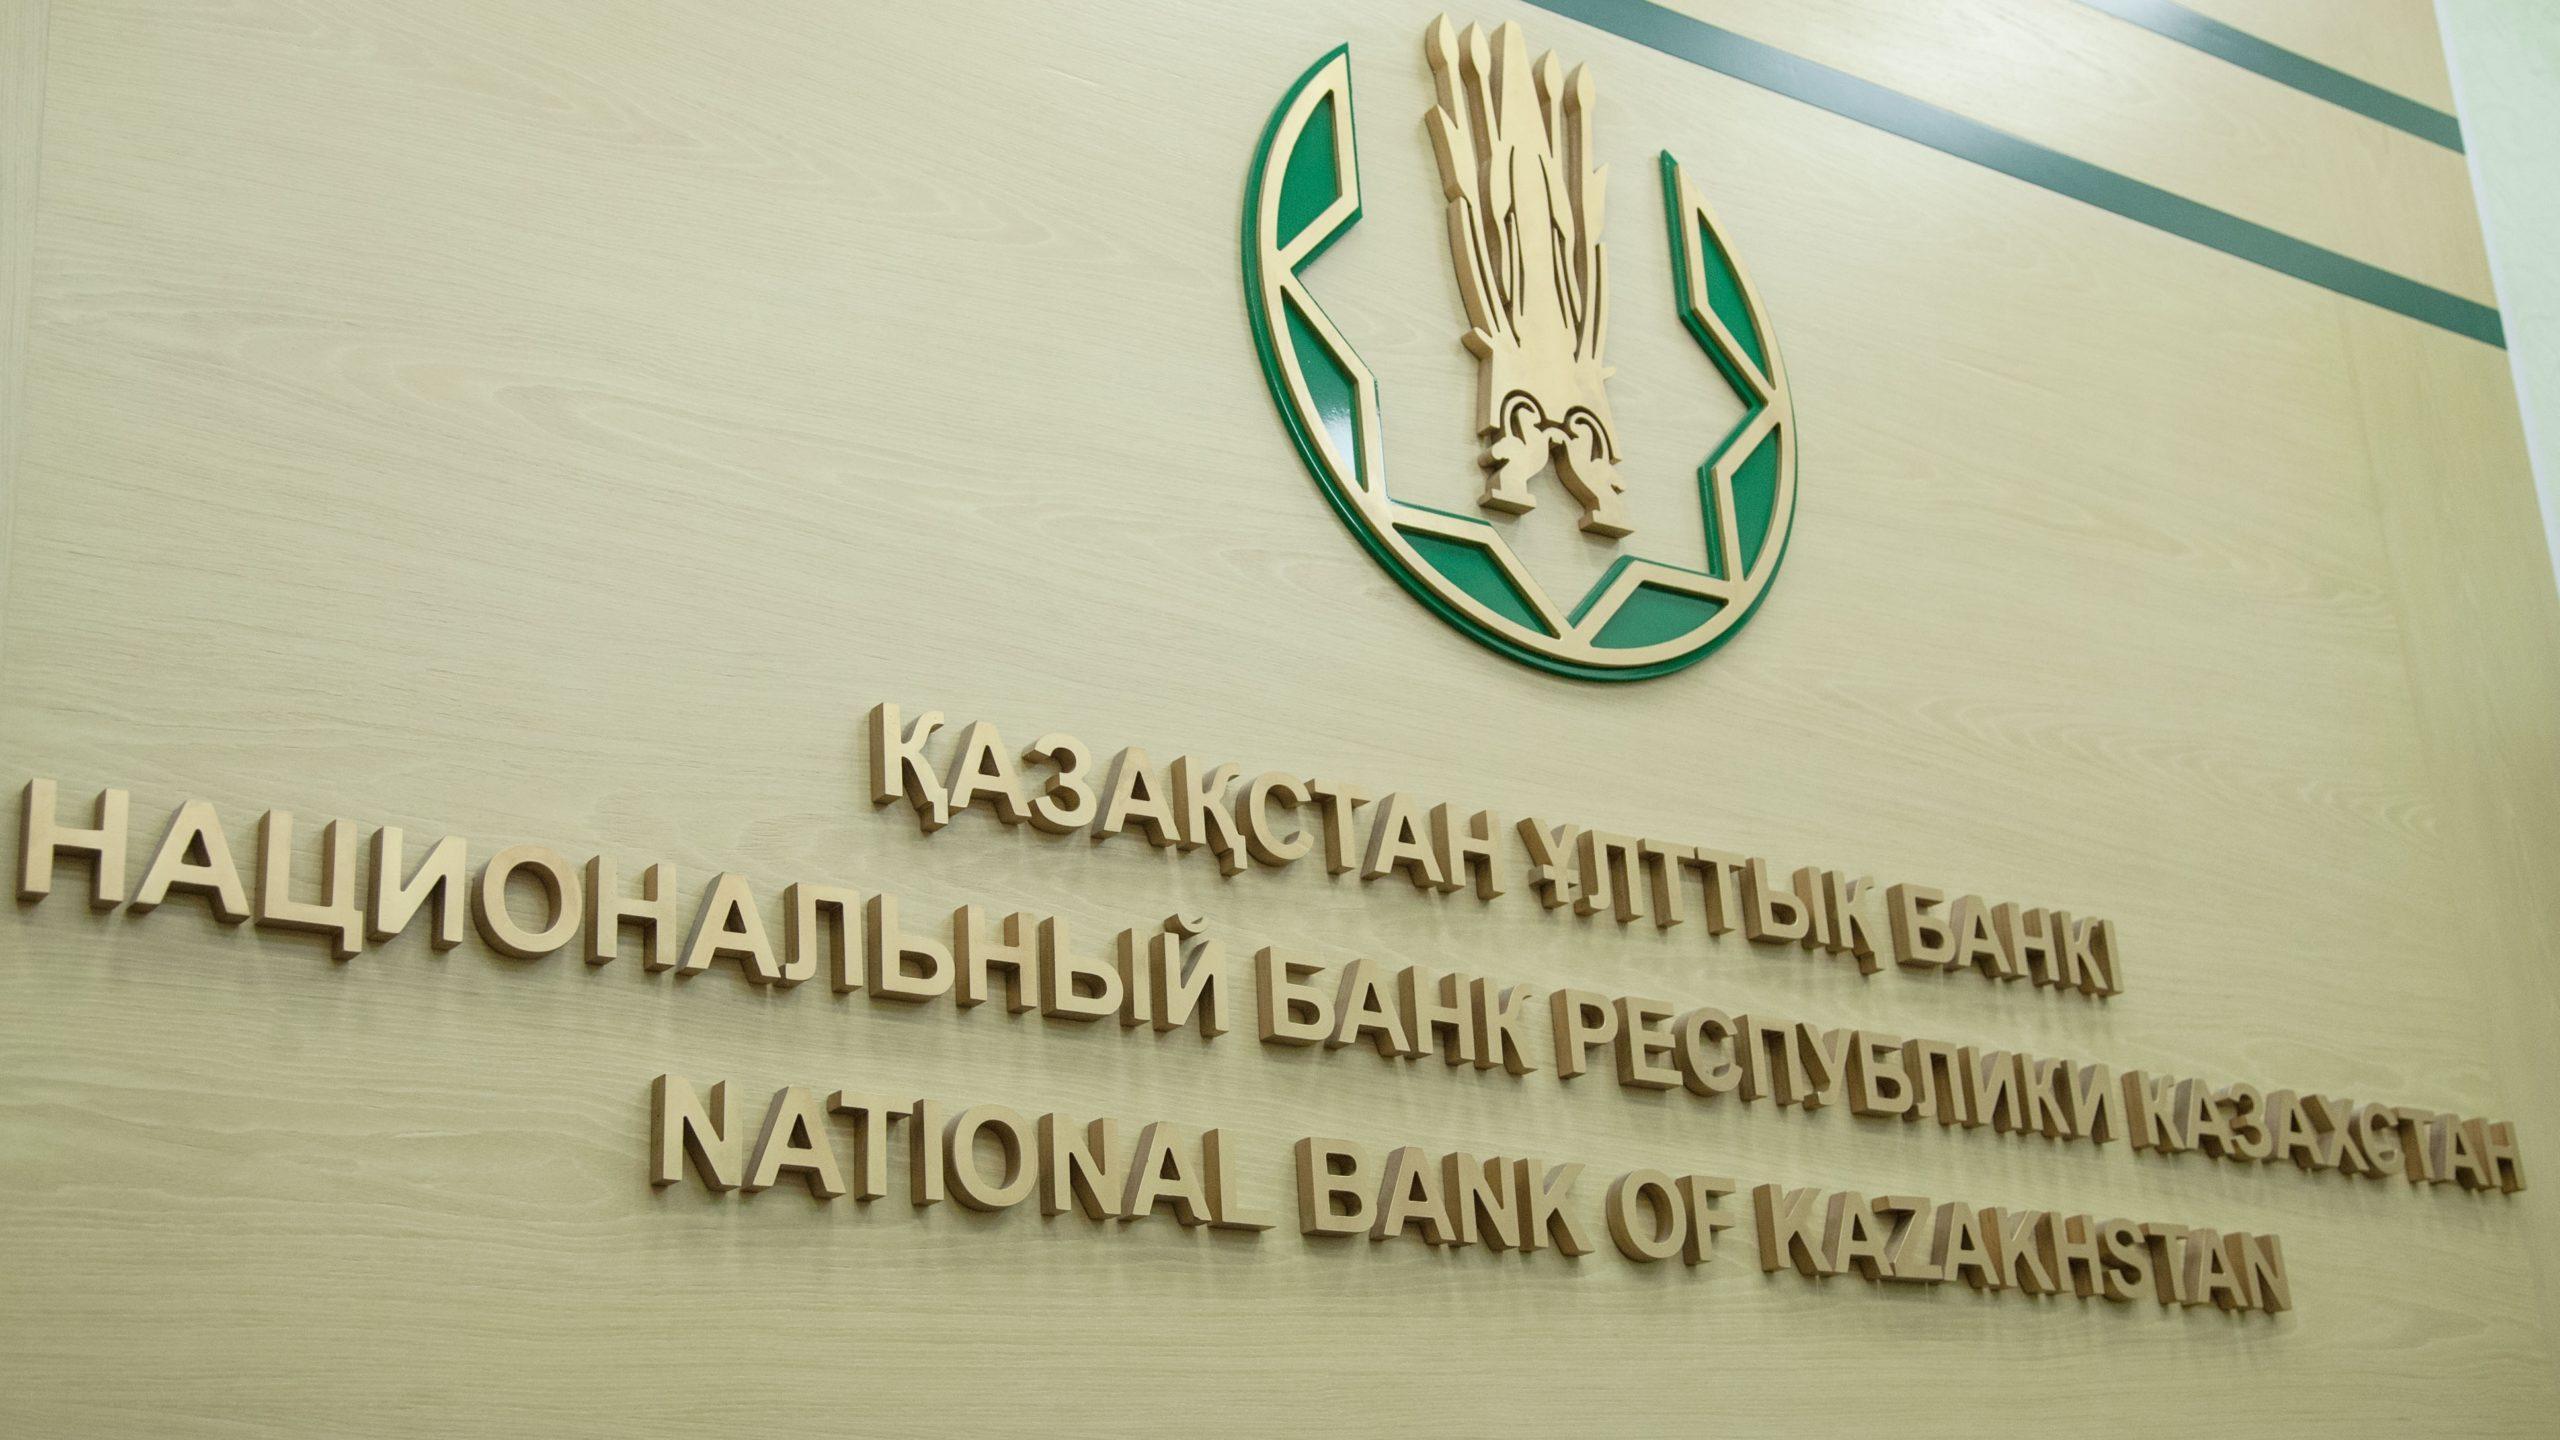 Ұлттық банк жыл соңында инфляция 8%-ға дейін өседі деп болжауда